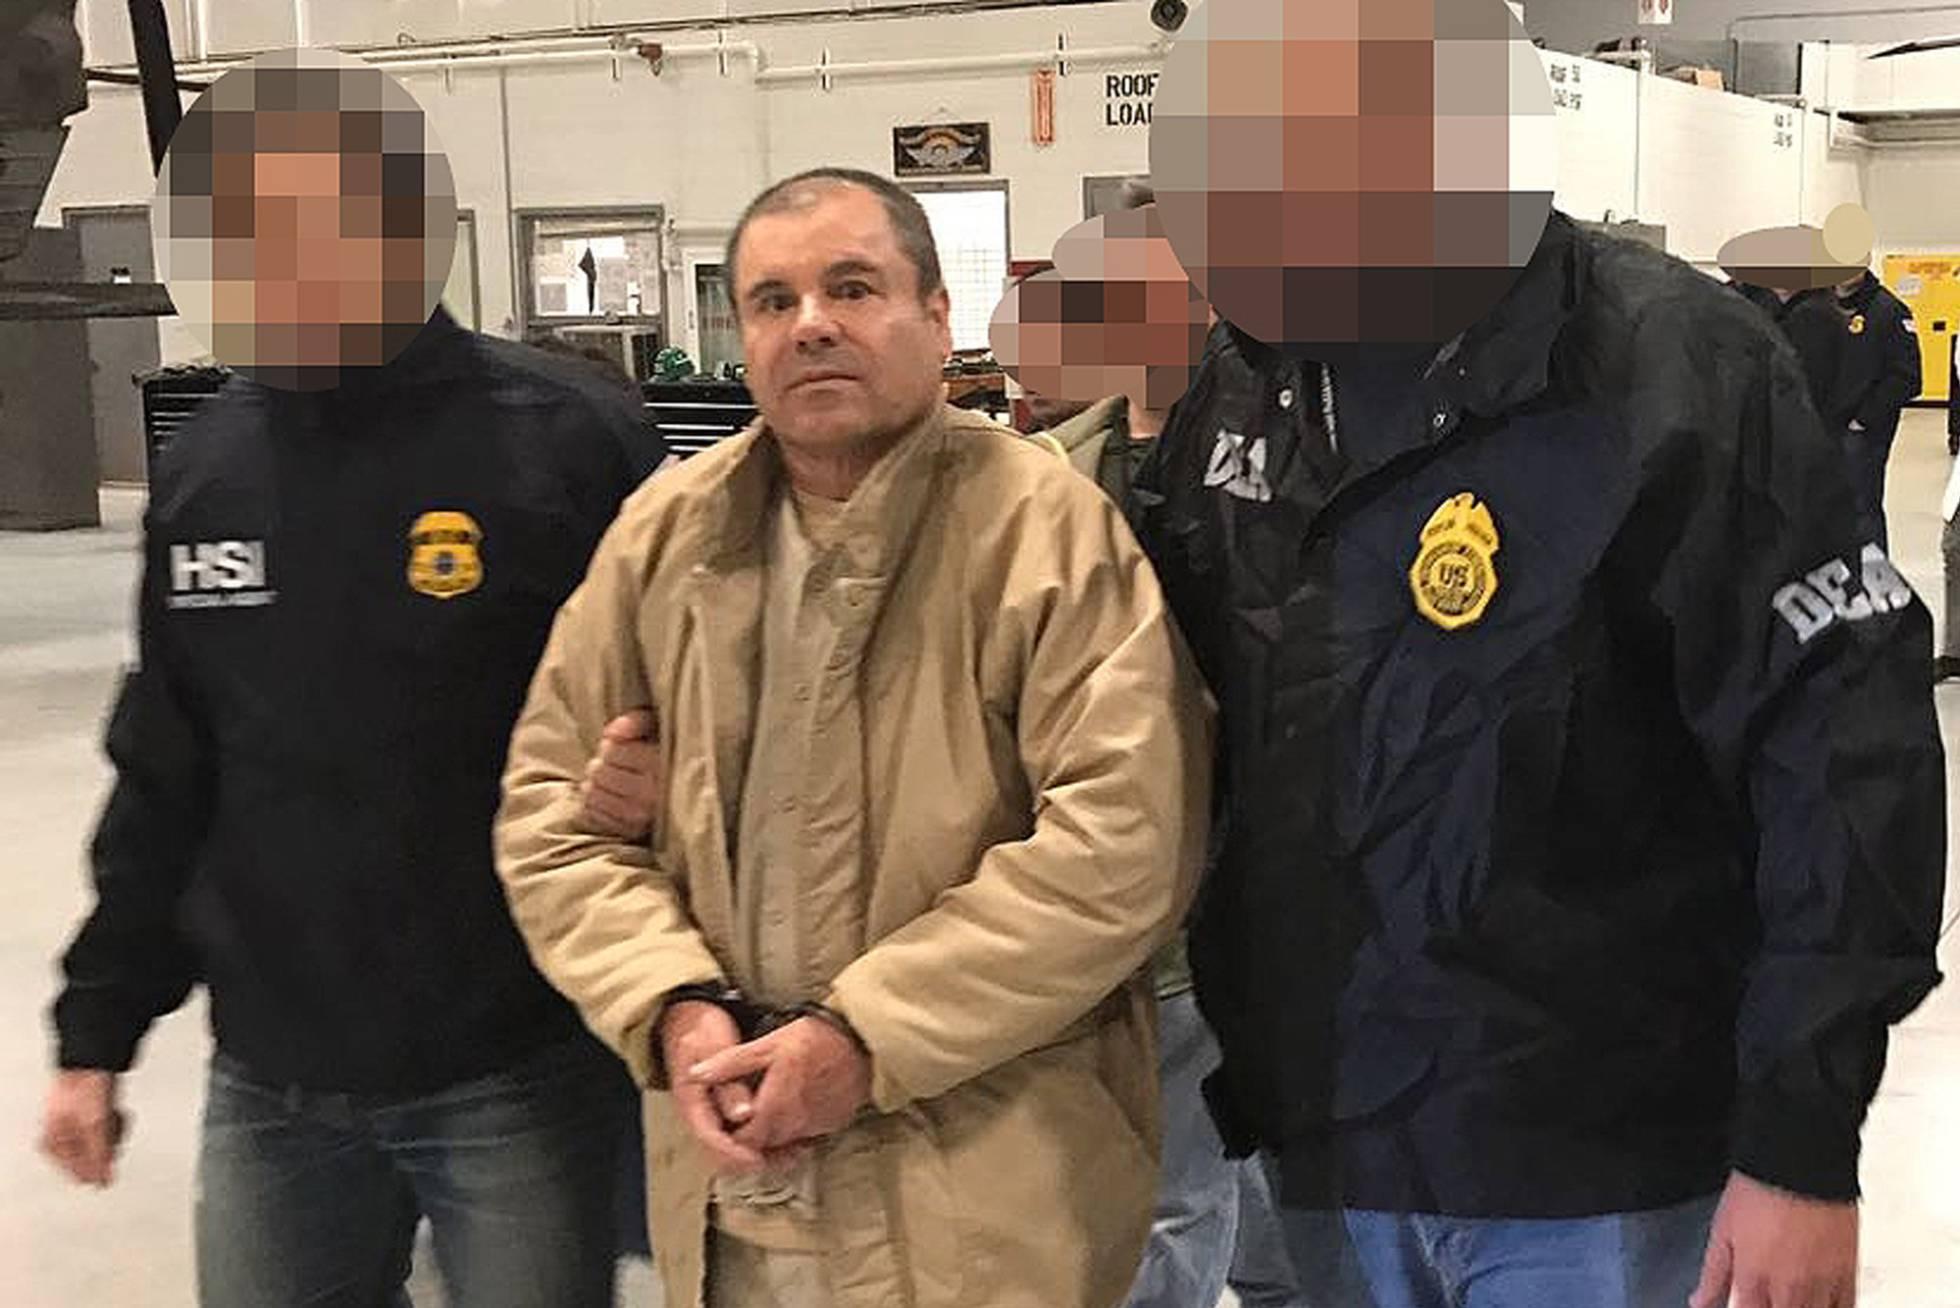 El juez ordena protección especial para el jurado que decidirá sobre el Chapo